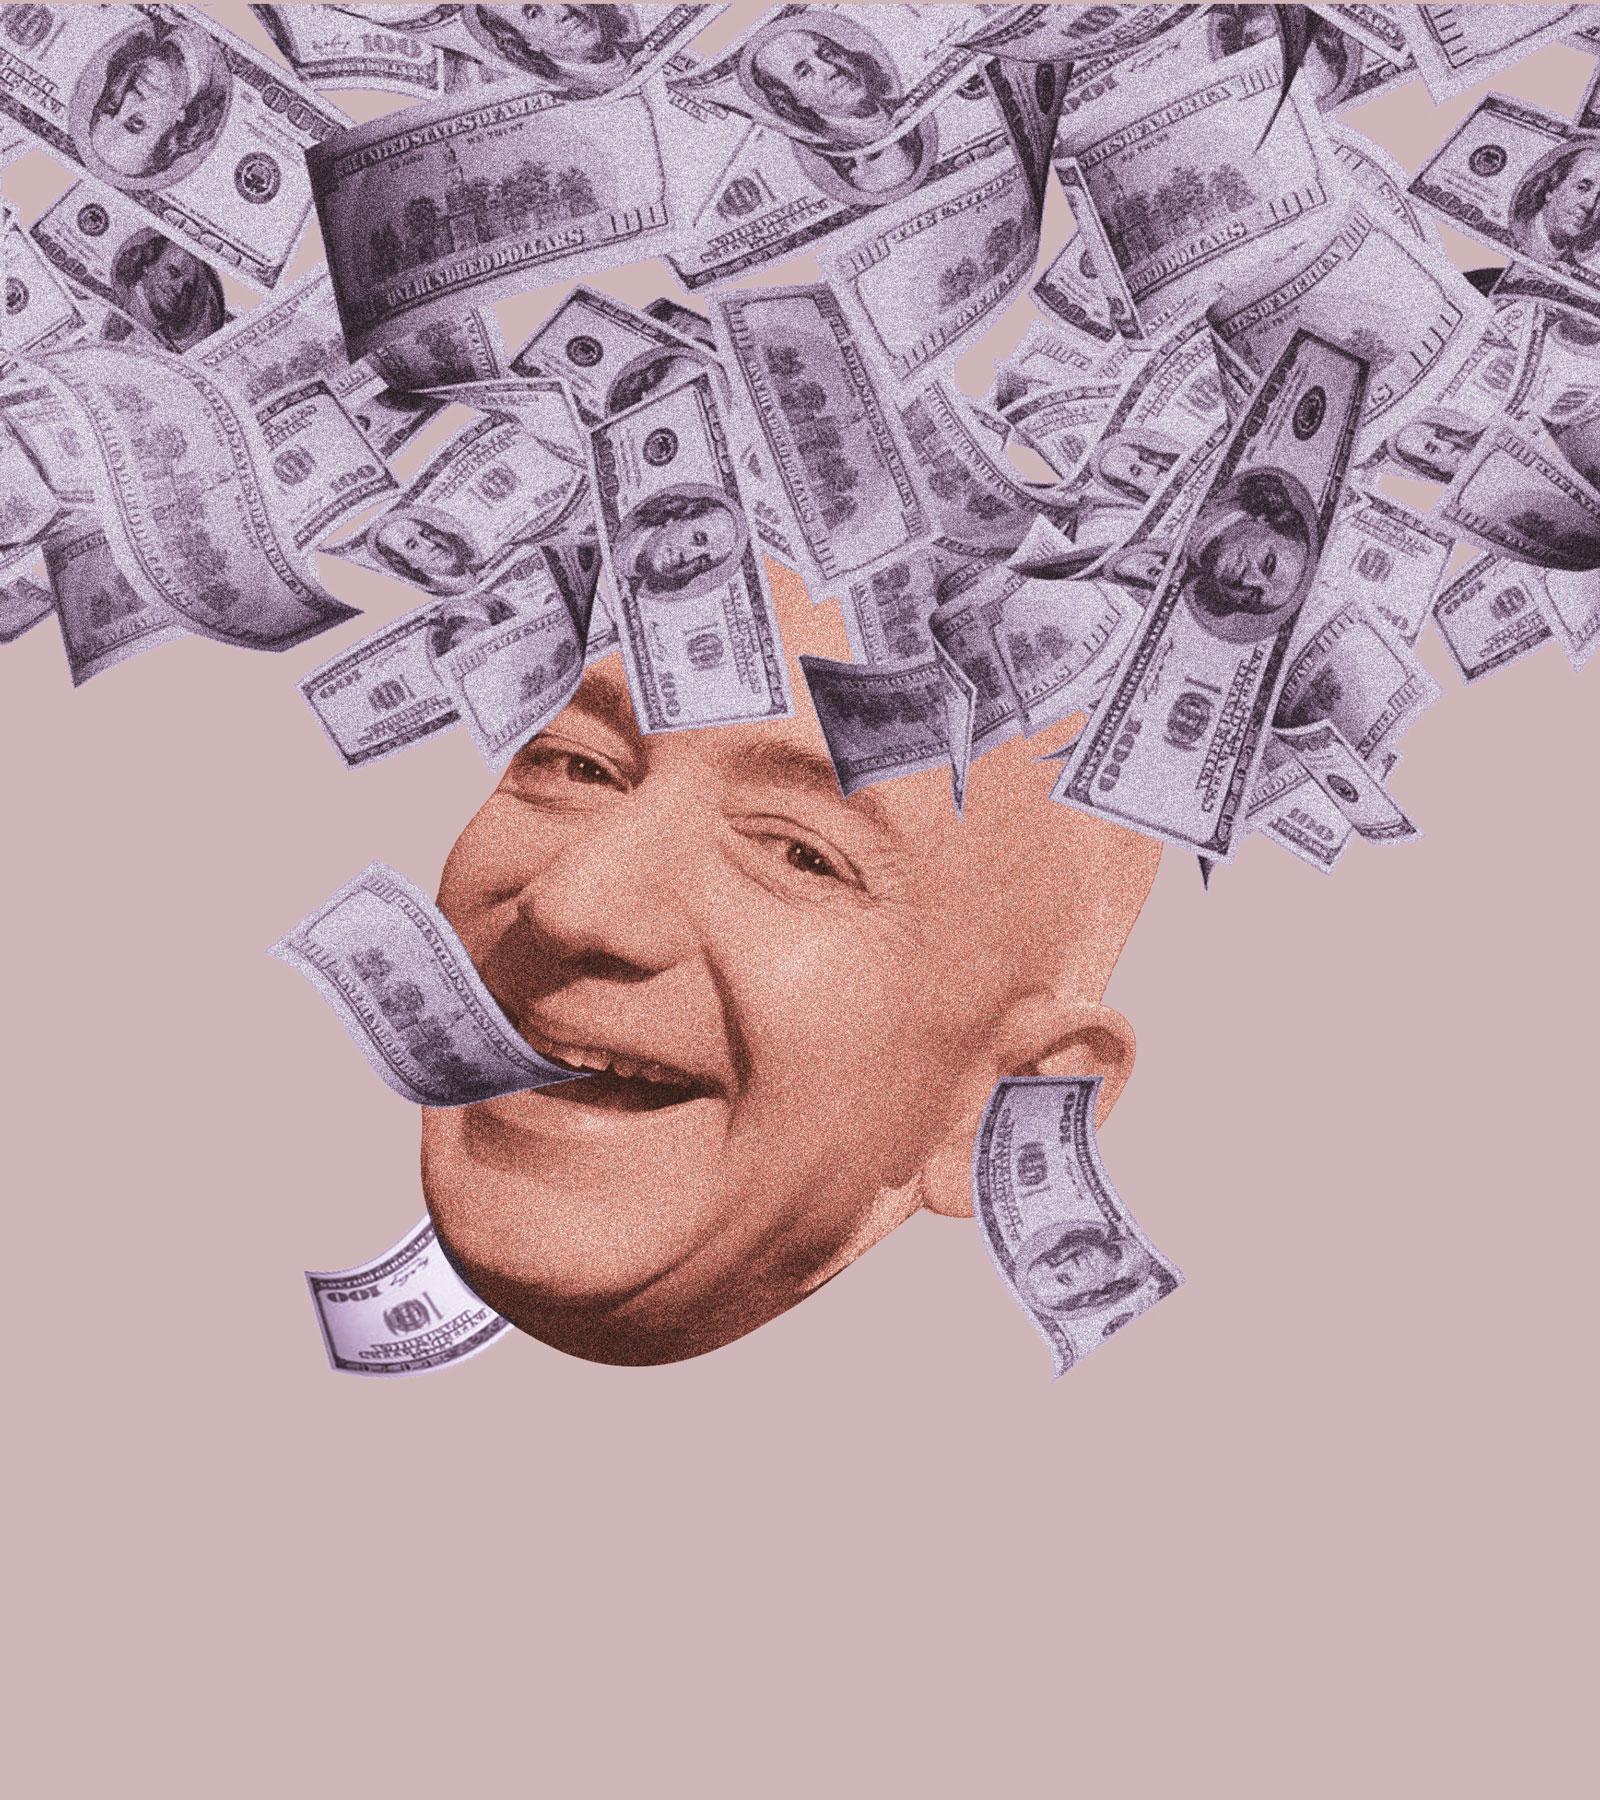 Jeff Bezos im Geldscheinregen